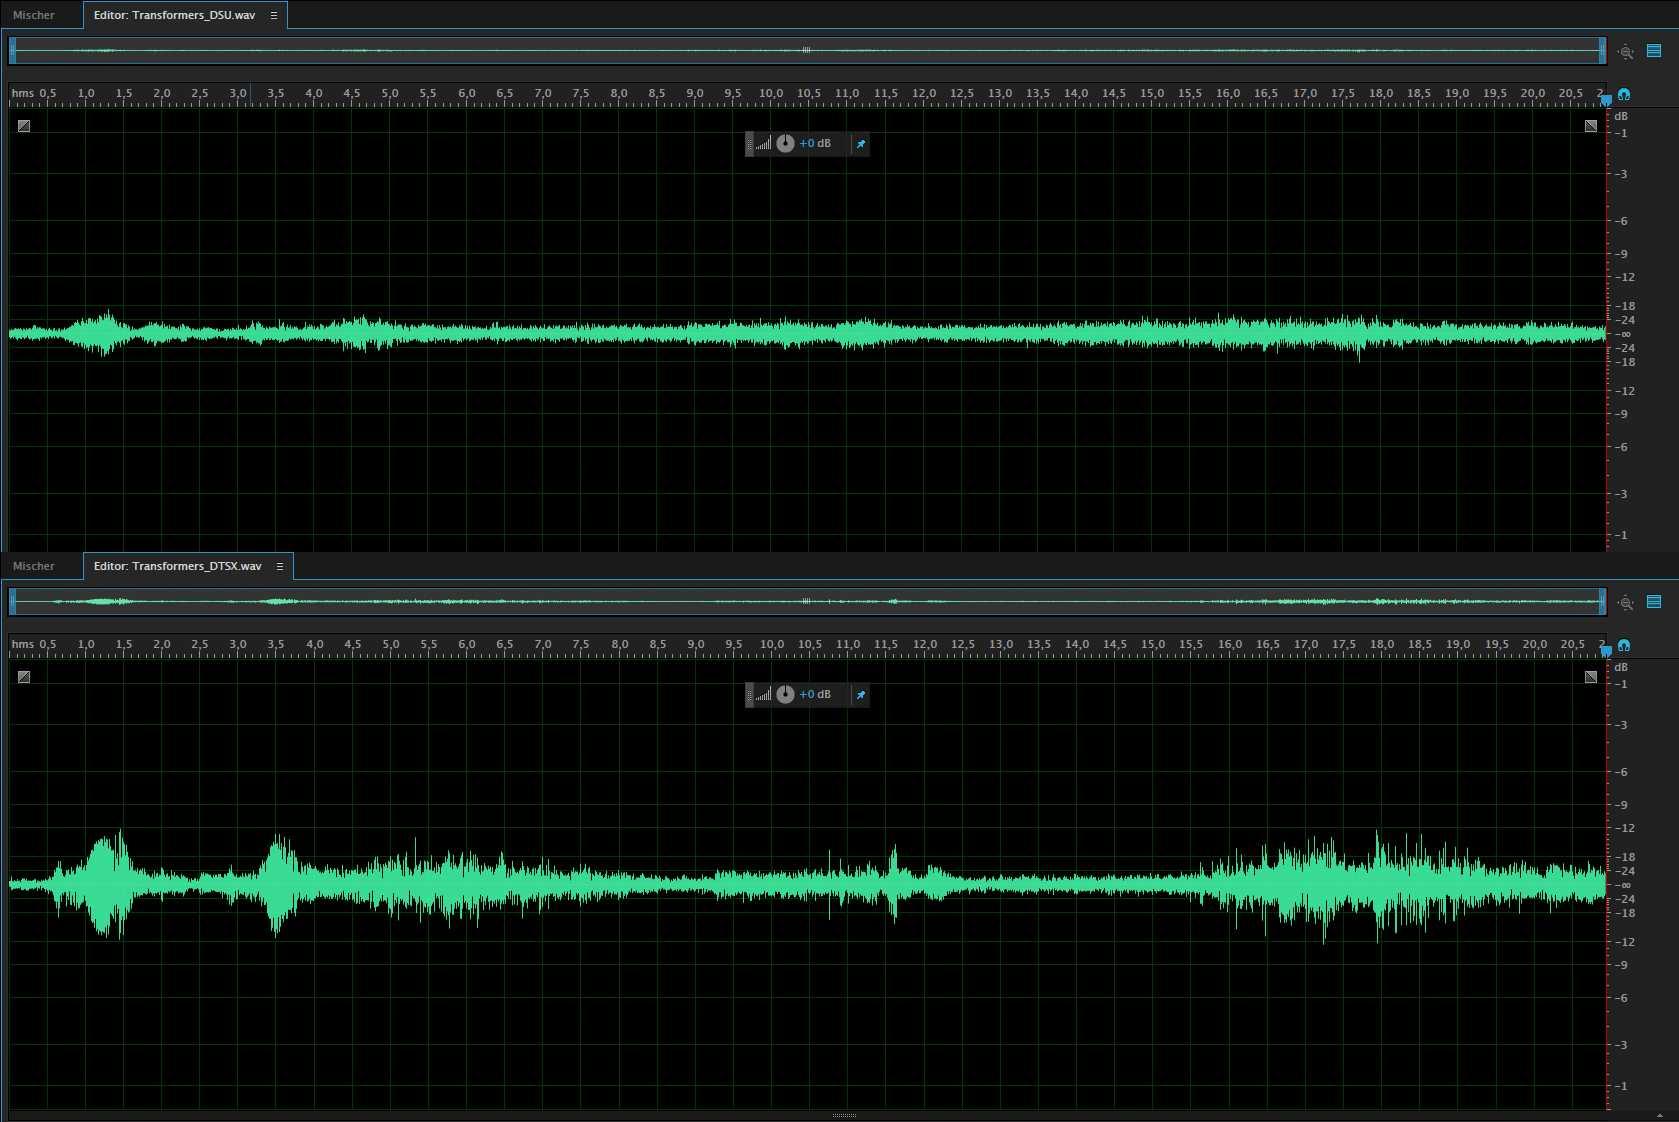 """Upmixer im Vergleich: DTS:X Neural (unten) fügt der Anfangsszene von """"Transformers: Ära des Untergangs"""" wesentlich mehr Effekte hinzu als Dolbys DSU, wie die Wellenform des linken hinteren Höhenkanals zeigt."""